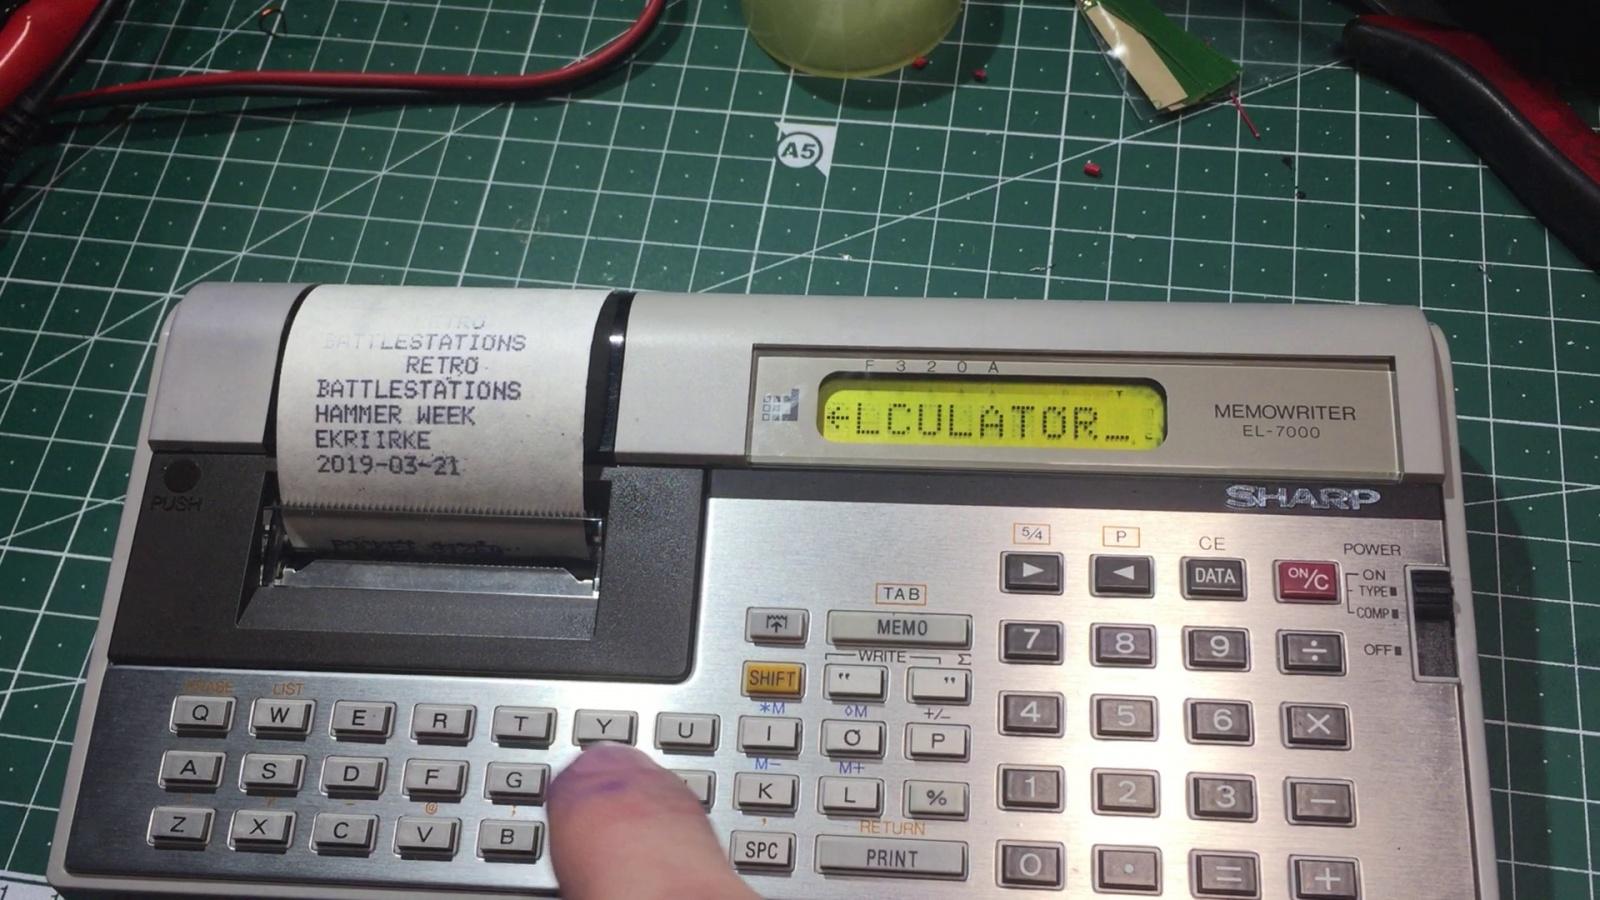 Ремонт устройства хранения и печати заметок Sharp Memowriter EL-7000 после протечки аккумуляторов - 1